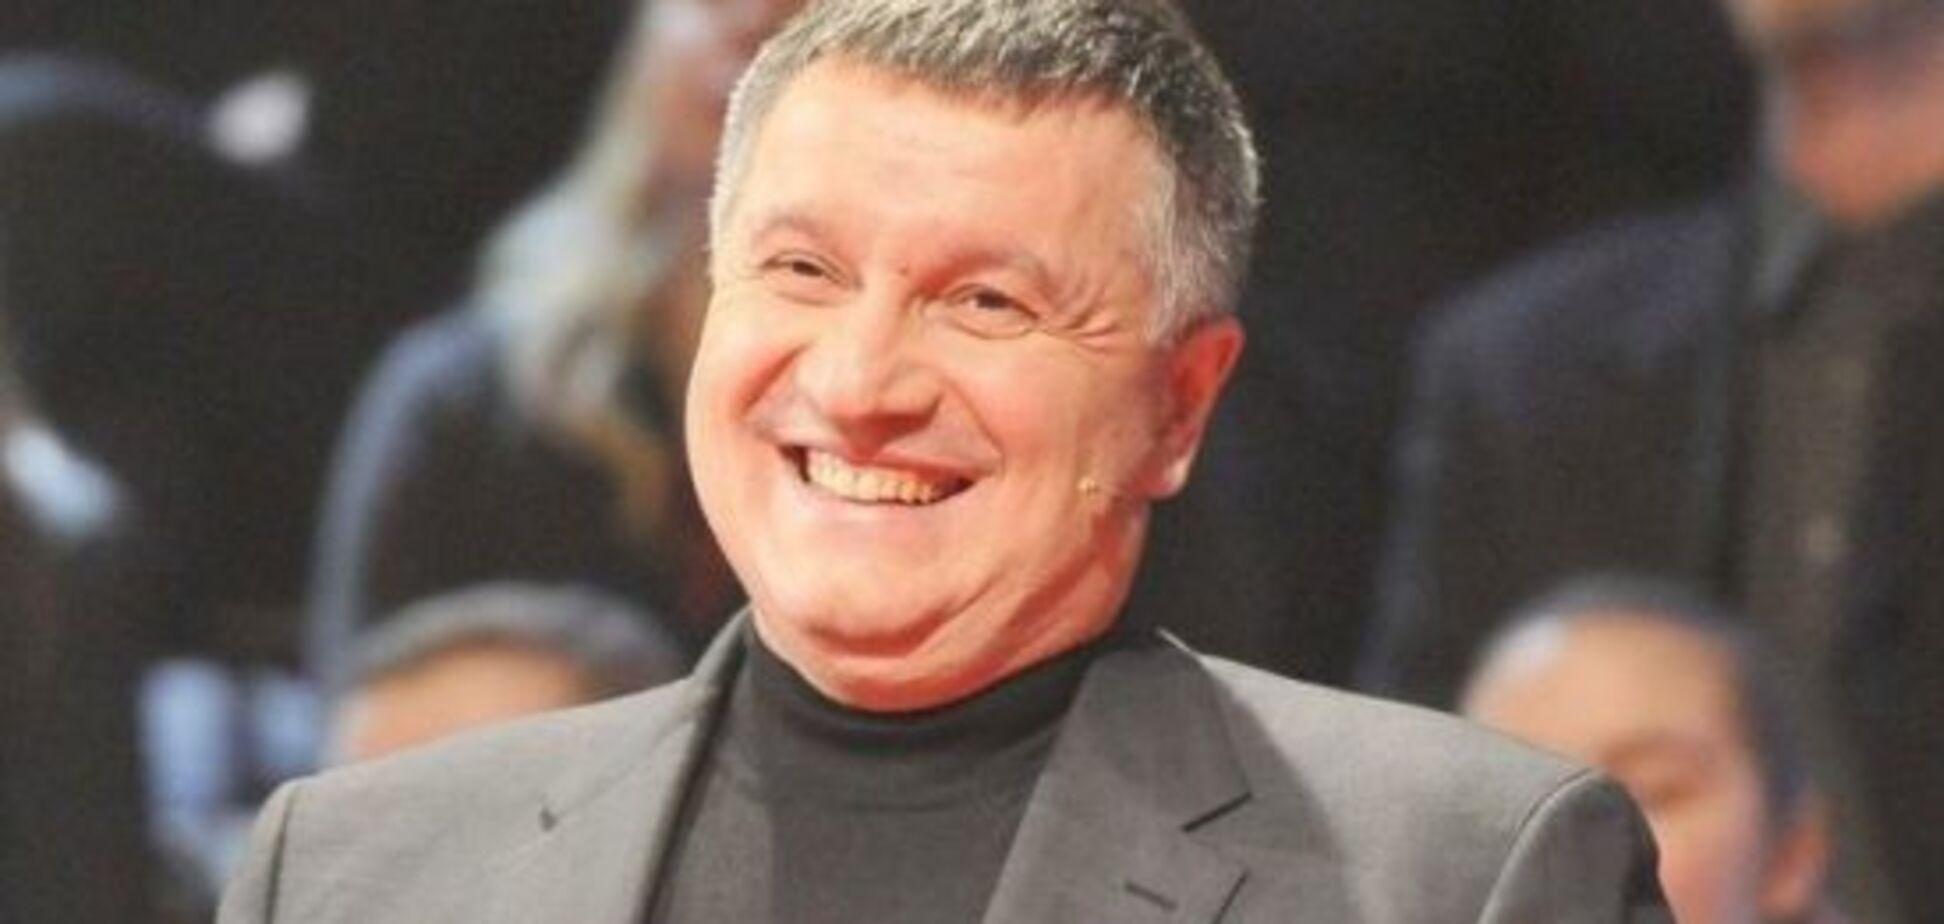 'Креативно!' У Авакова висміяли справу Слідкома Росії